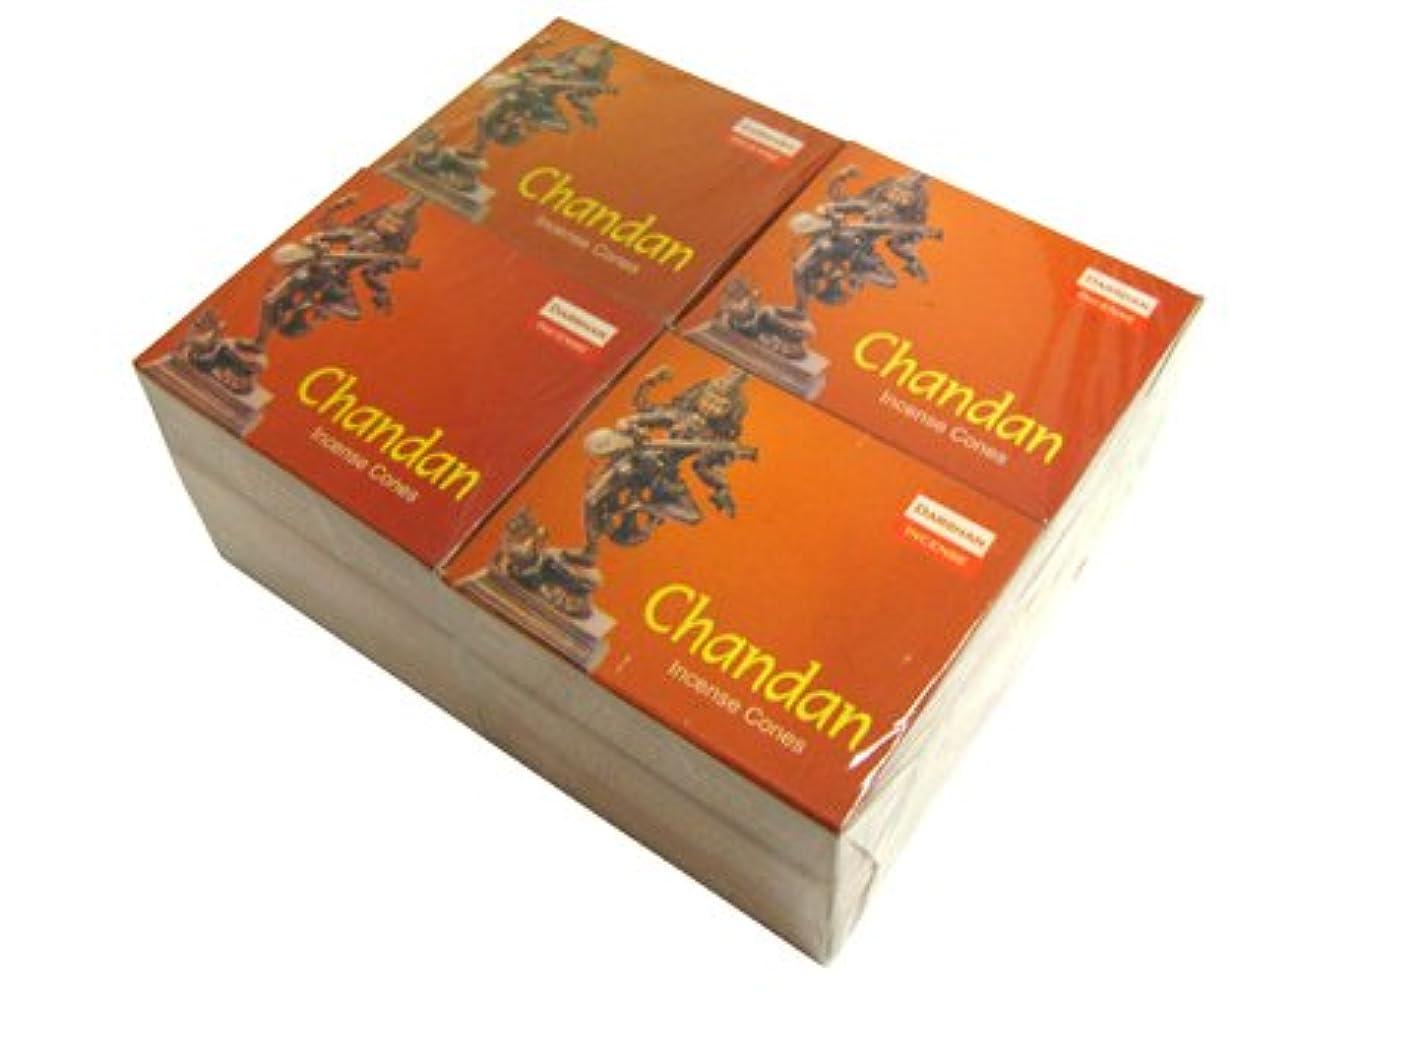 列挙するソケット開始DARSHAN(ダルシャン) チャンダン香 コーンタイプ CHANDAN CORN 12箱セット